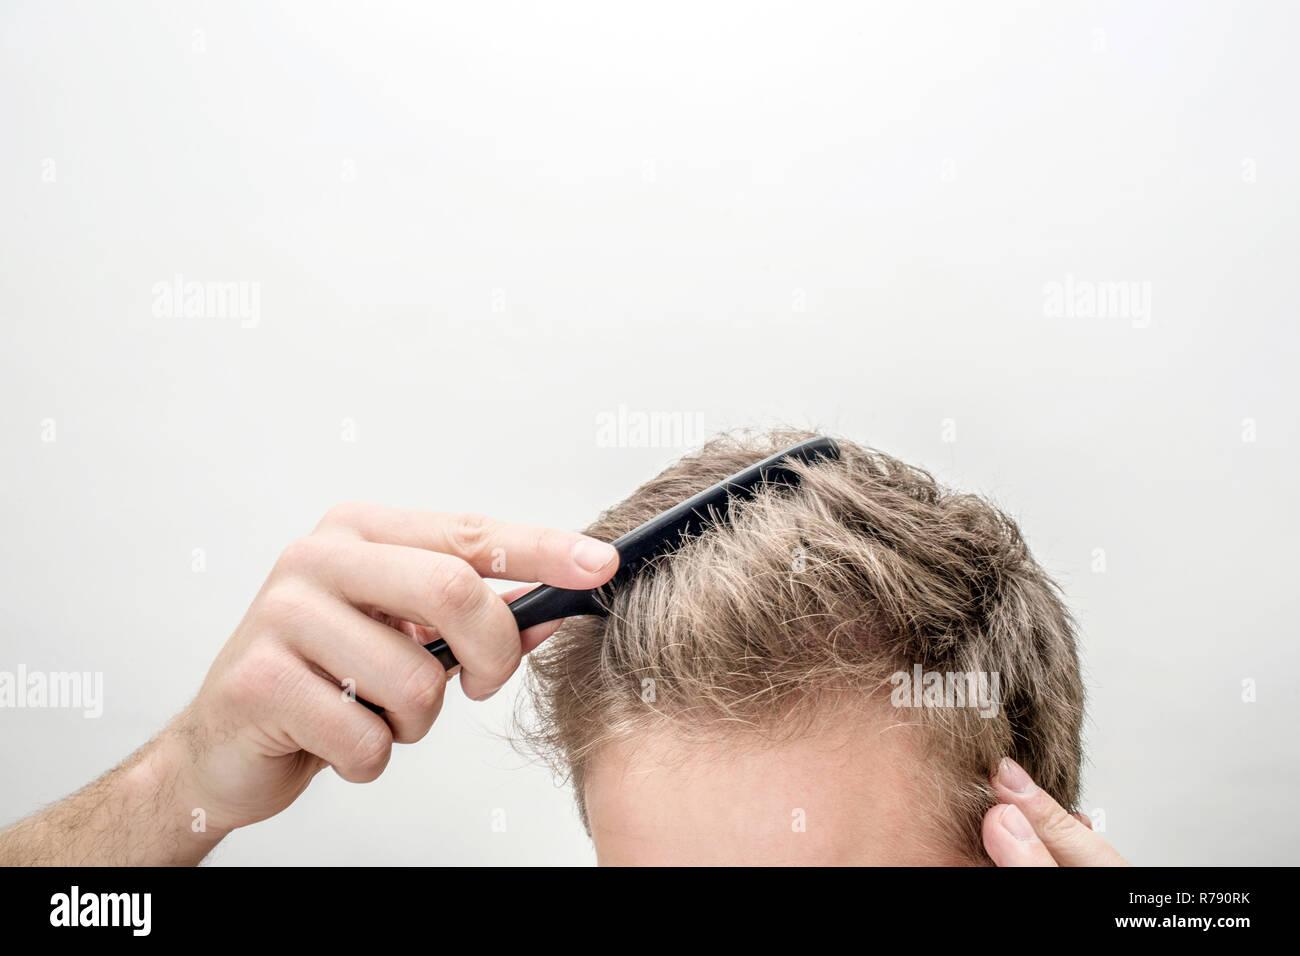 Vista di taglio del giovane biondo uomo spazzolare i capelli. Isolato su sfondo bianco. Immagini Stock